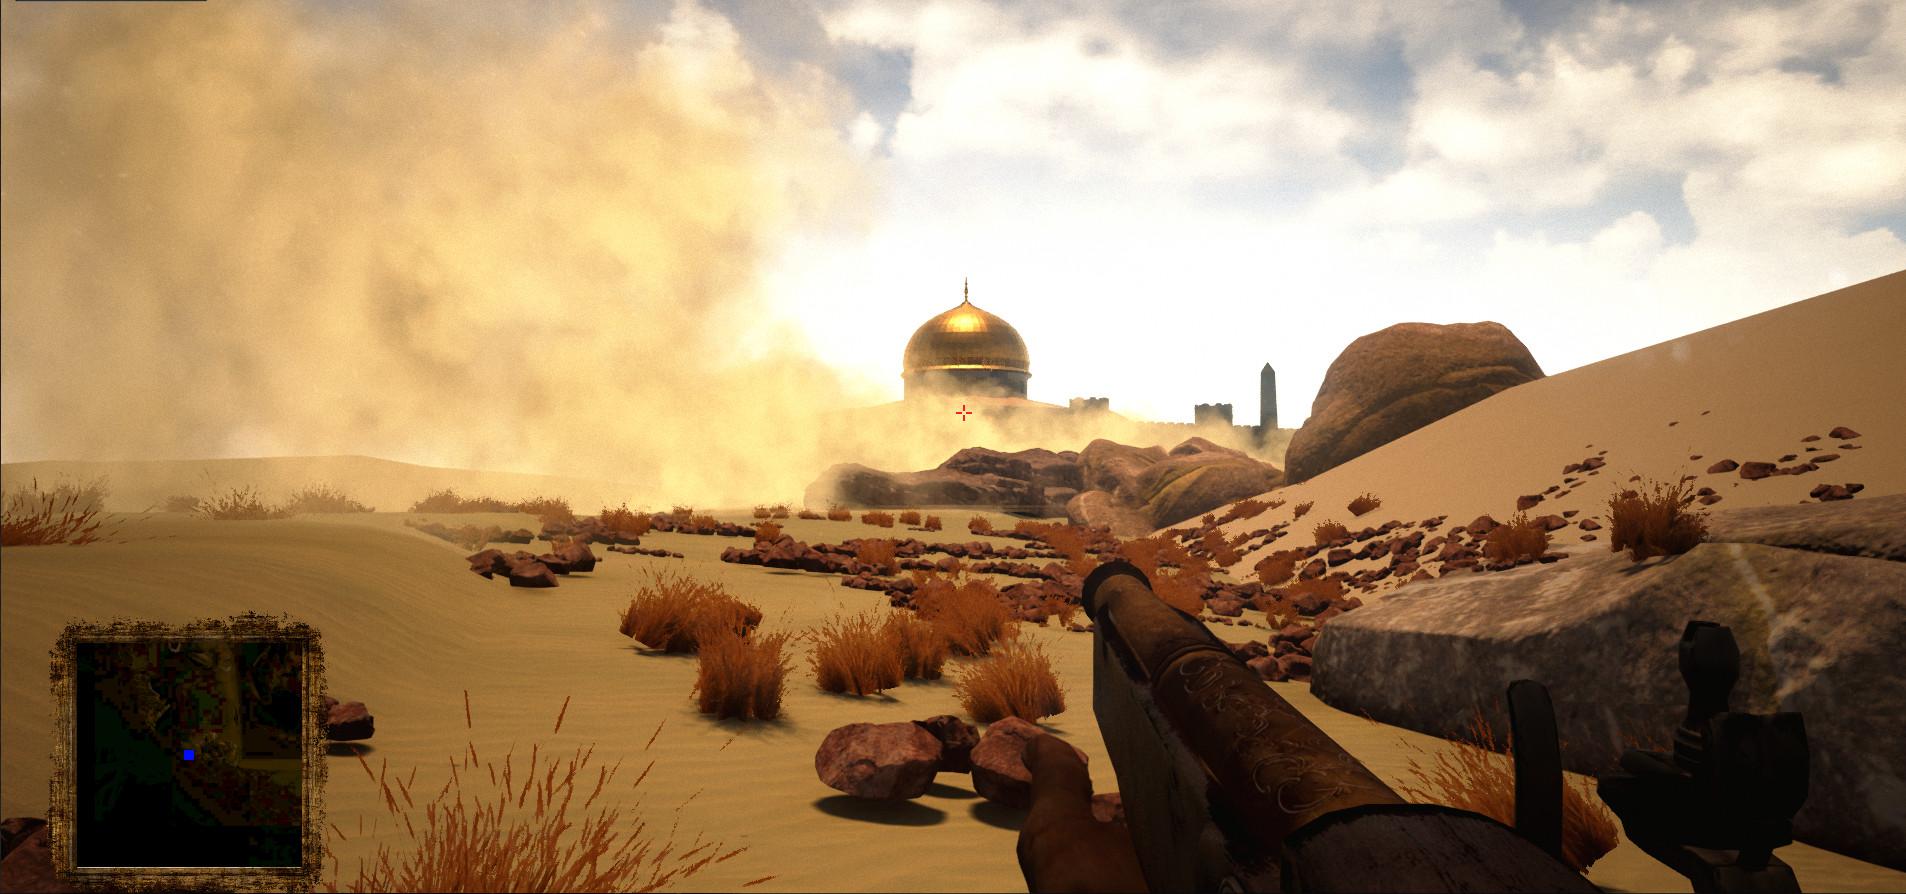 Sandstorm in Antinomy